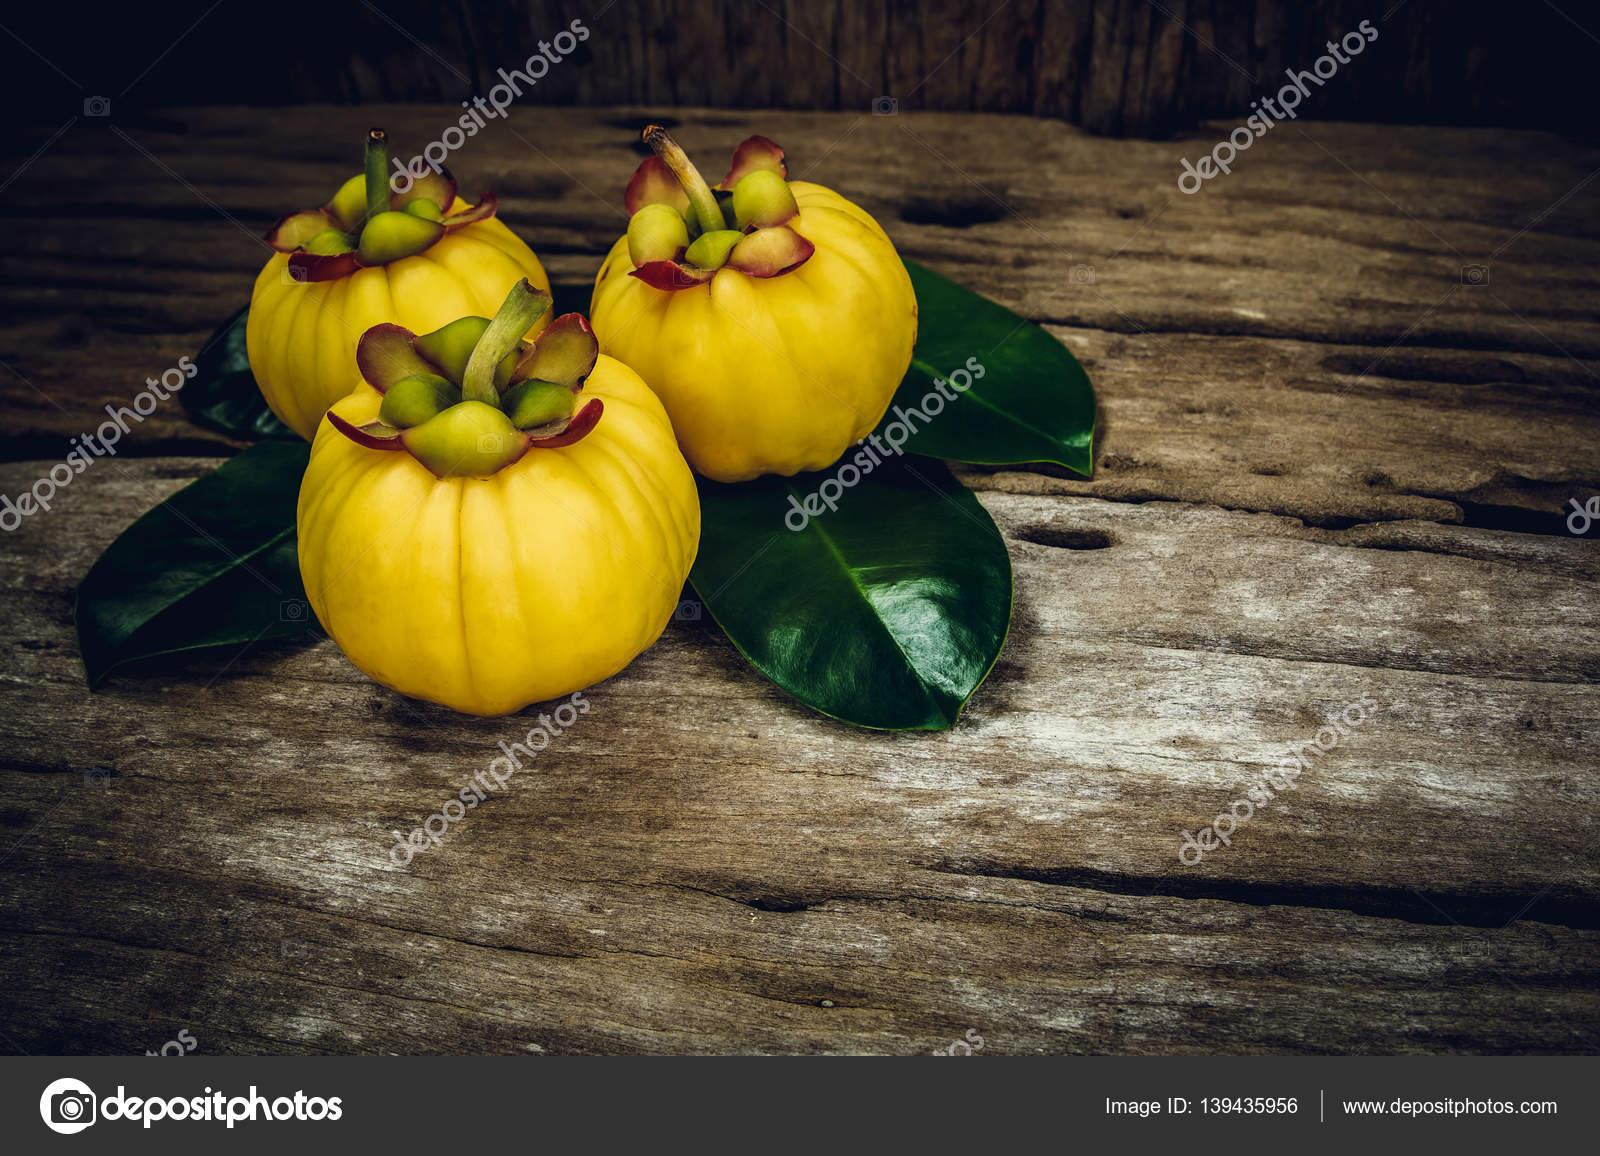 immagini di garcinia cambogia frutta